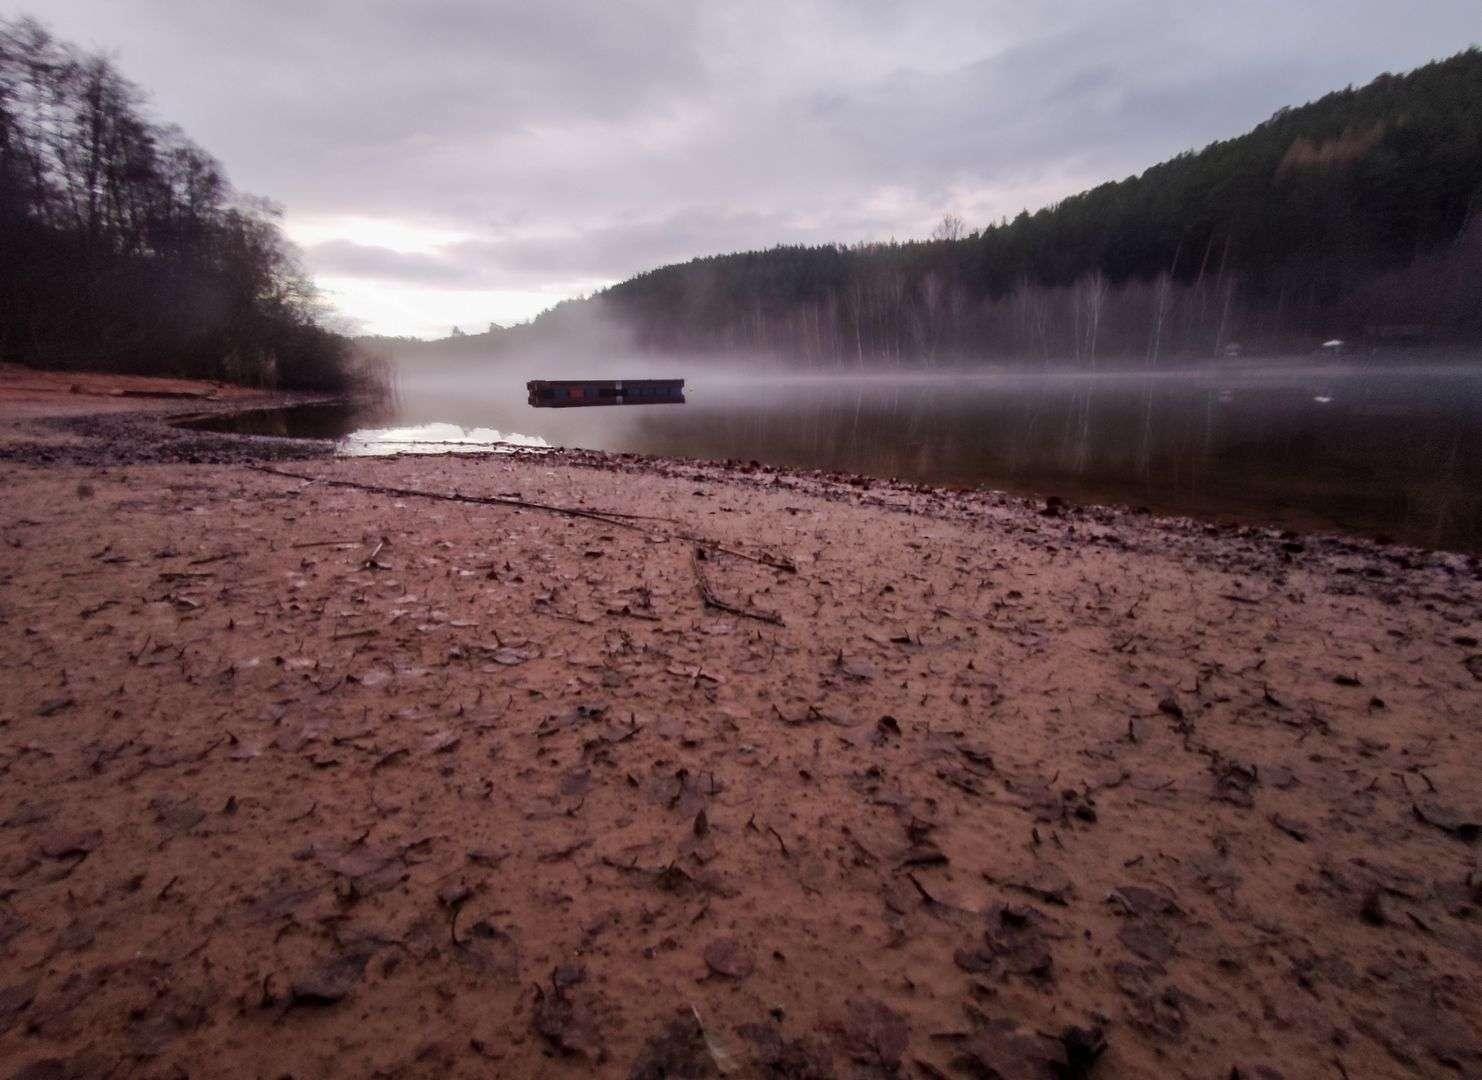 Erschreckende Dürre am Gelterswoog (Foto nicht von View)